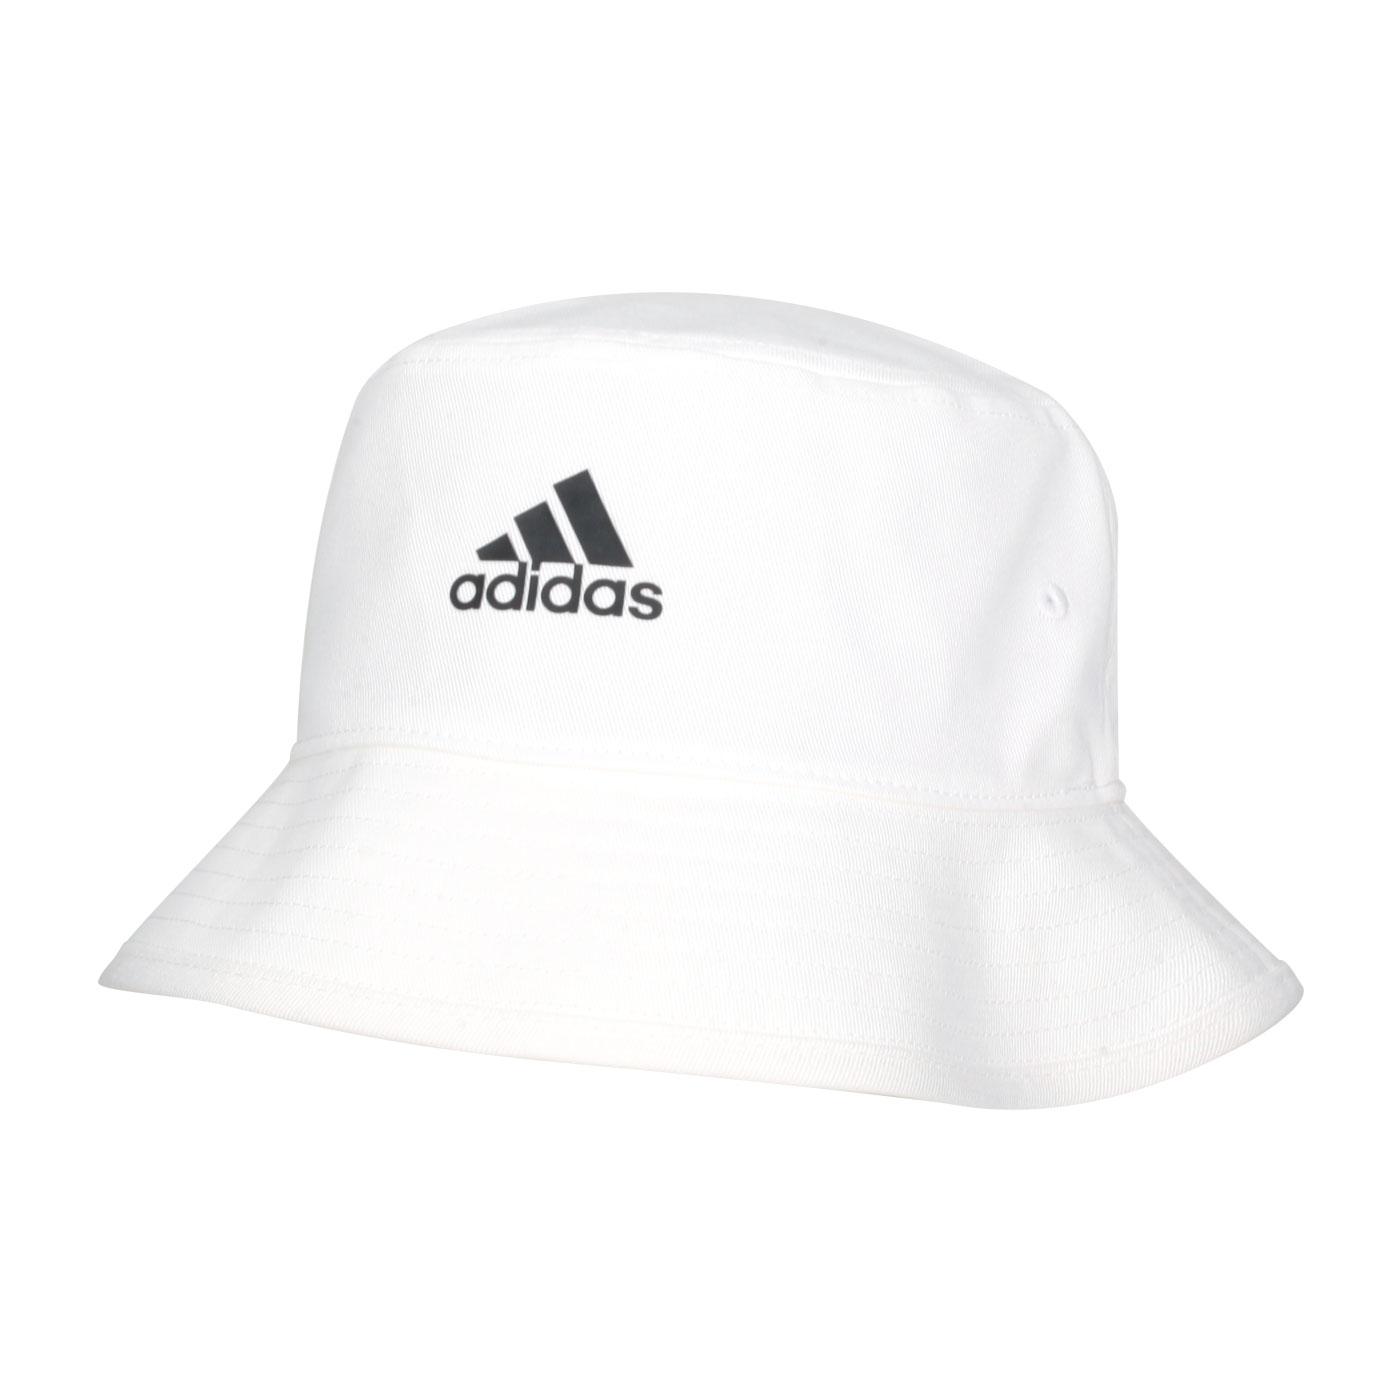 ADIDAS 漁夫帽 H36811 - 白黑